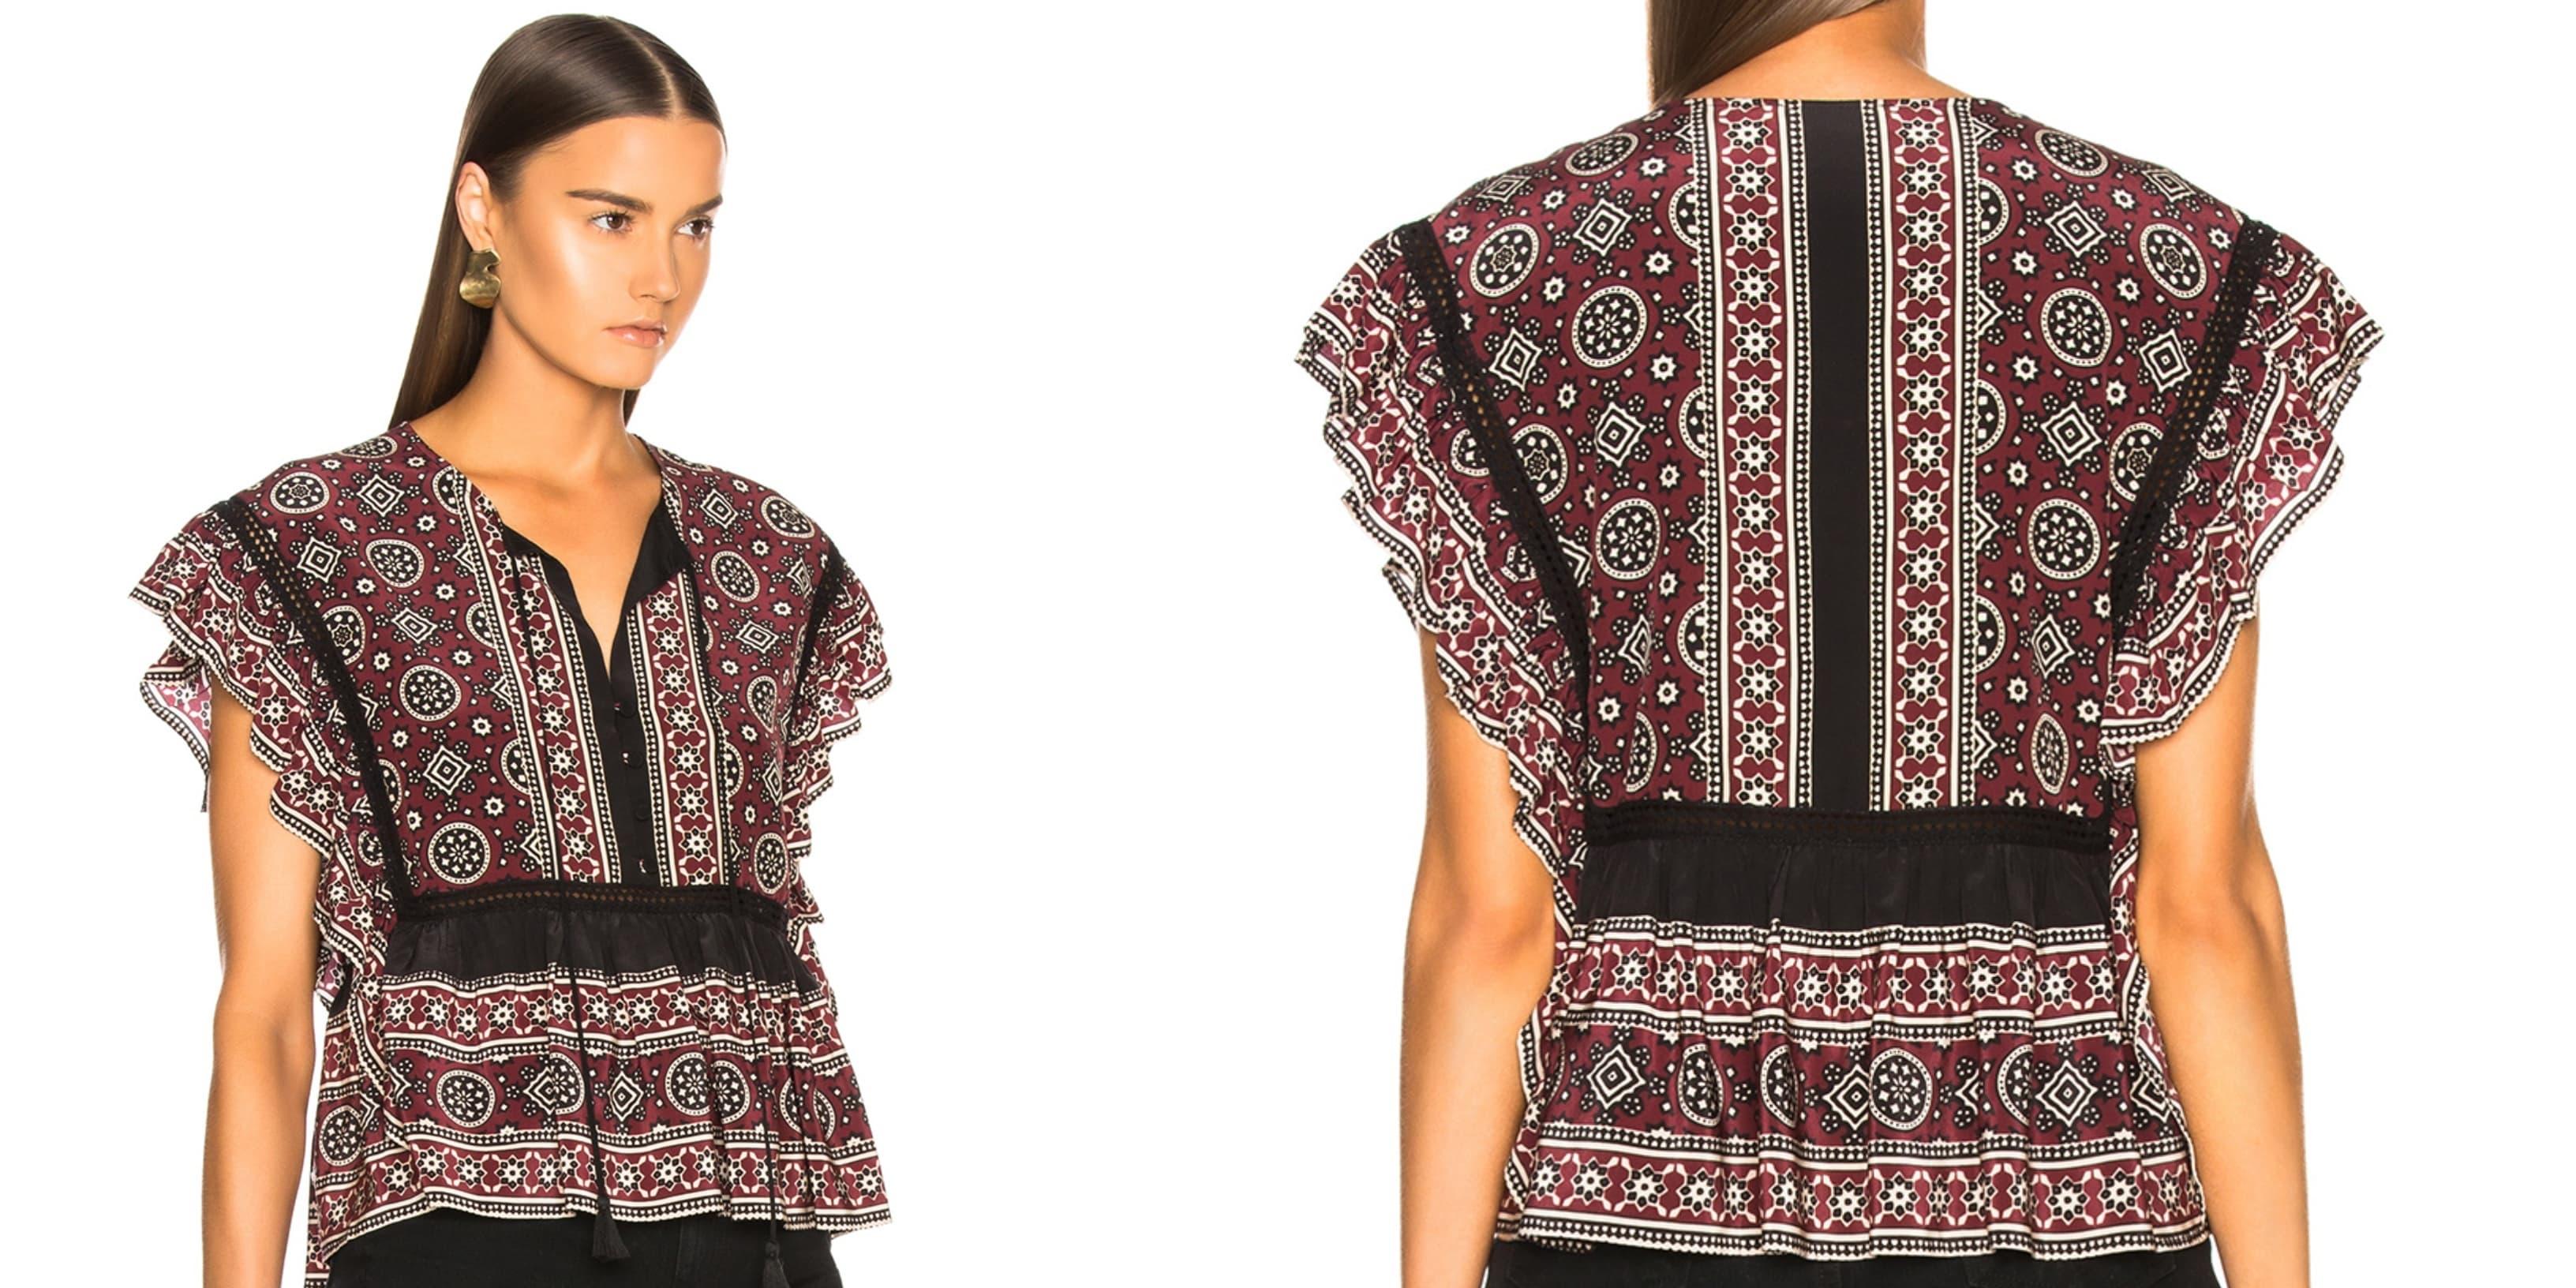 امریکی کمپنی نے اجرکے کی طرز پر بنائے گئے لباس کو مختلف رنگوں کے بلاکس میں تیار شدہ کپڑے قرار دیا تھا—فوٹو: ایف ڈبلیو آر ڈی